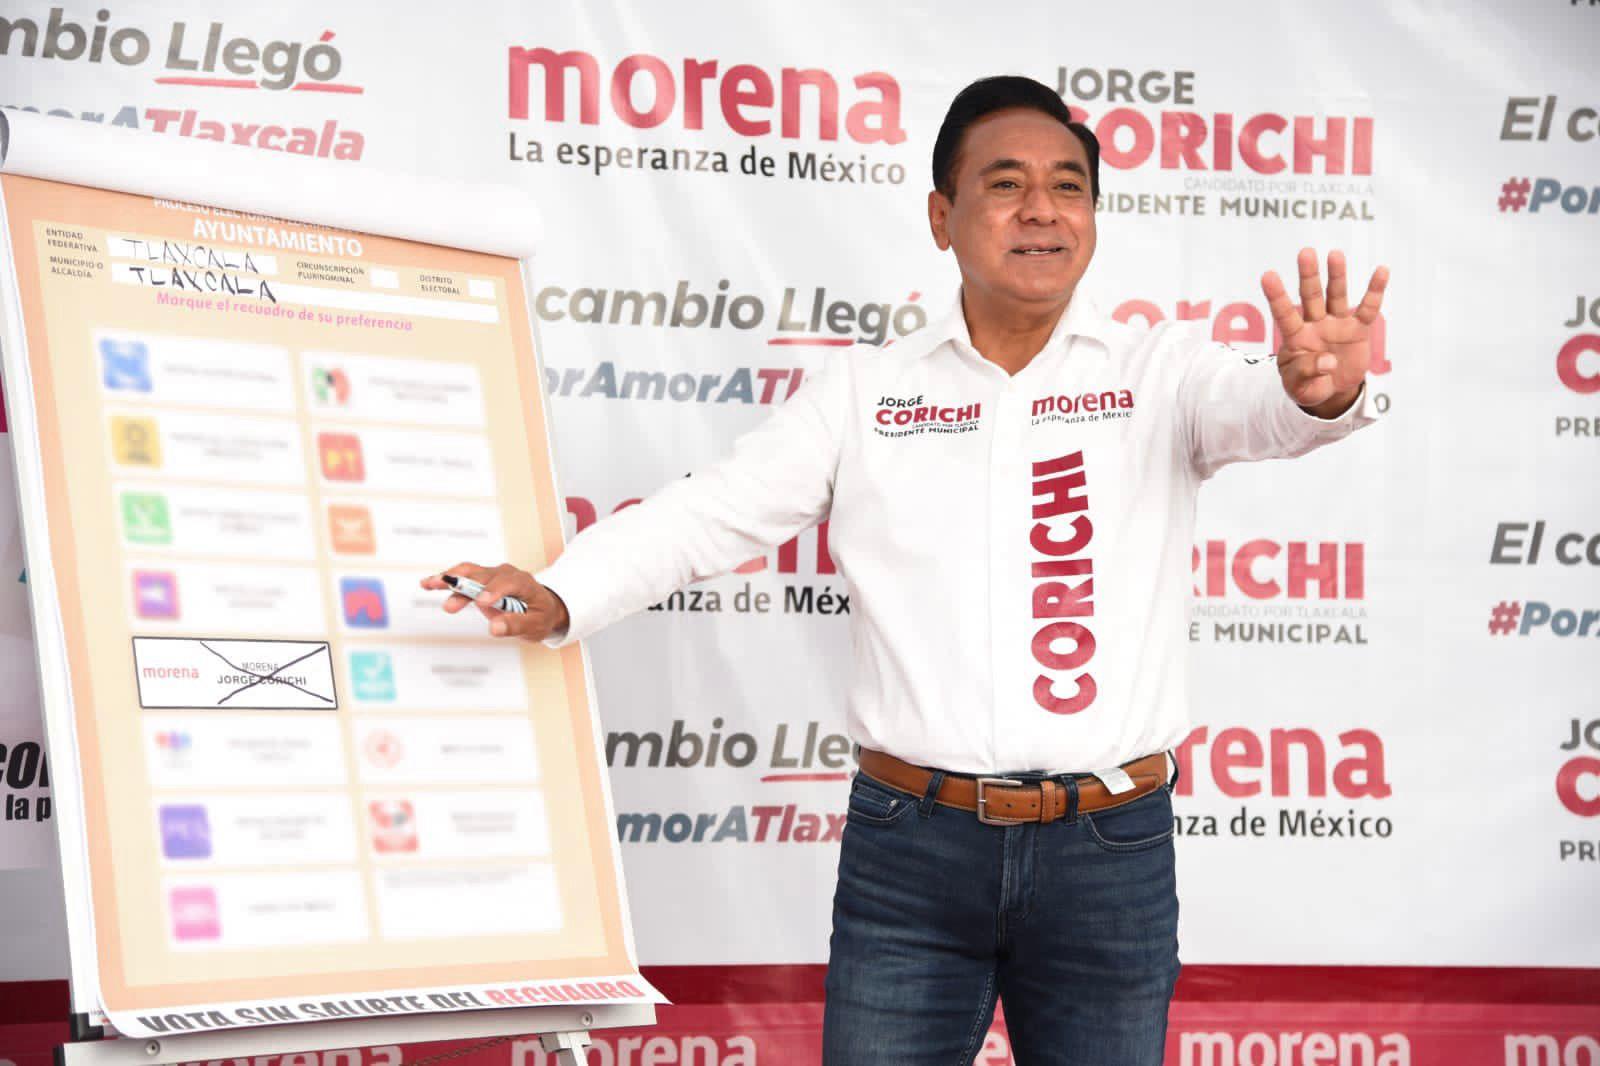 El cambio no tiene reversa, el 6 de junio vamos a ganar: Jorge Corichi